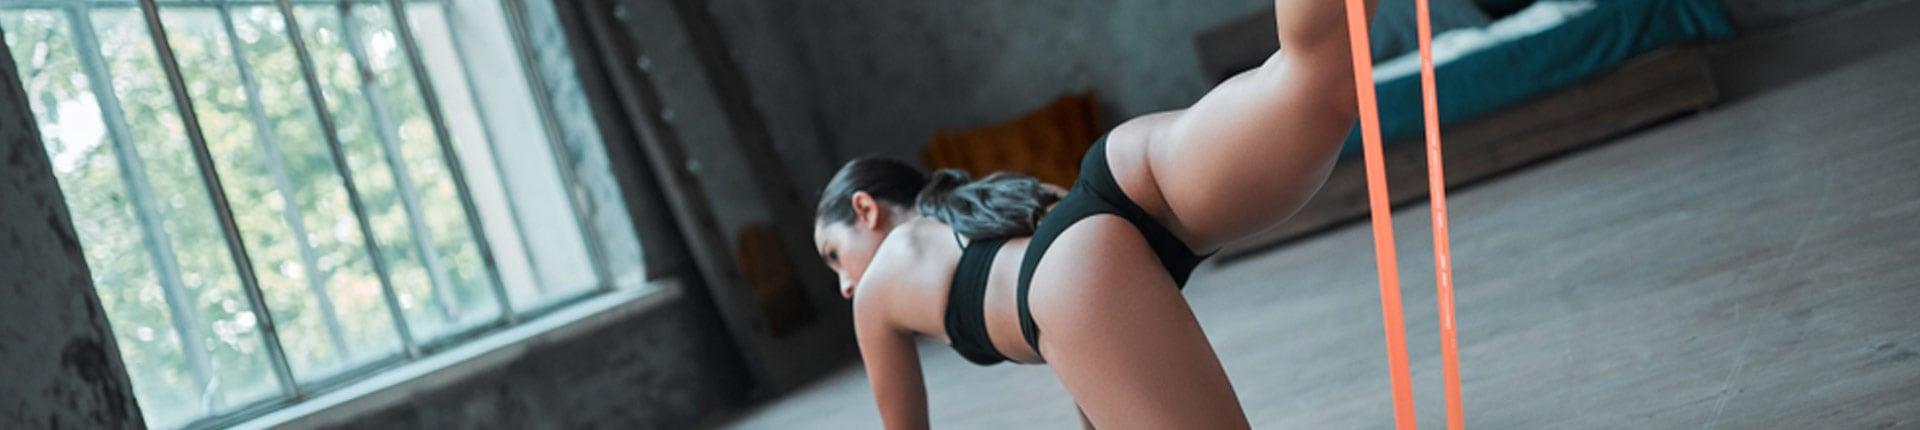 Trening z gumami oporowymi. Czy takie ćwiczenia przynoszą efekty?